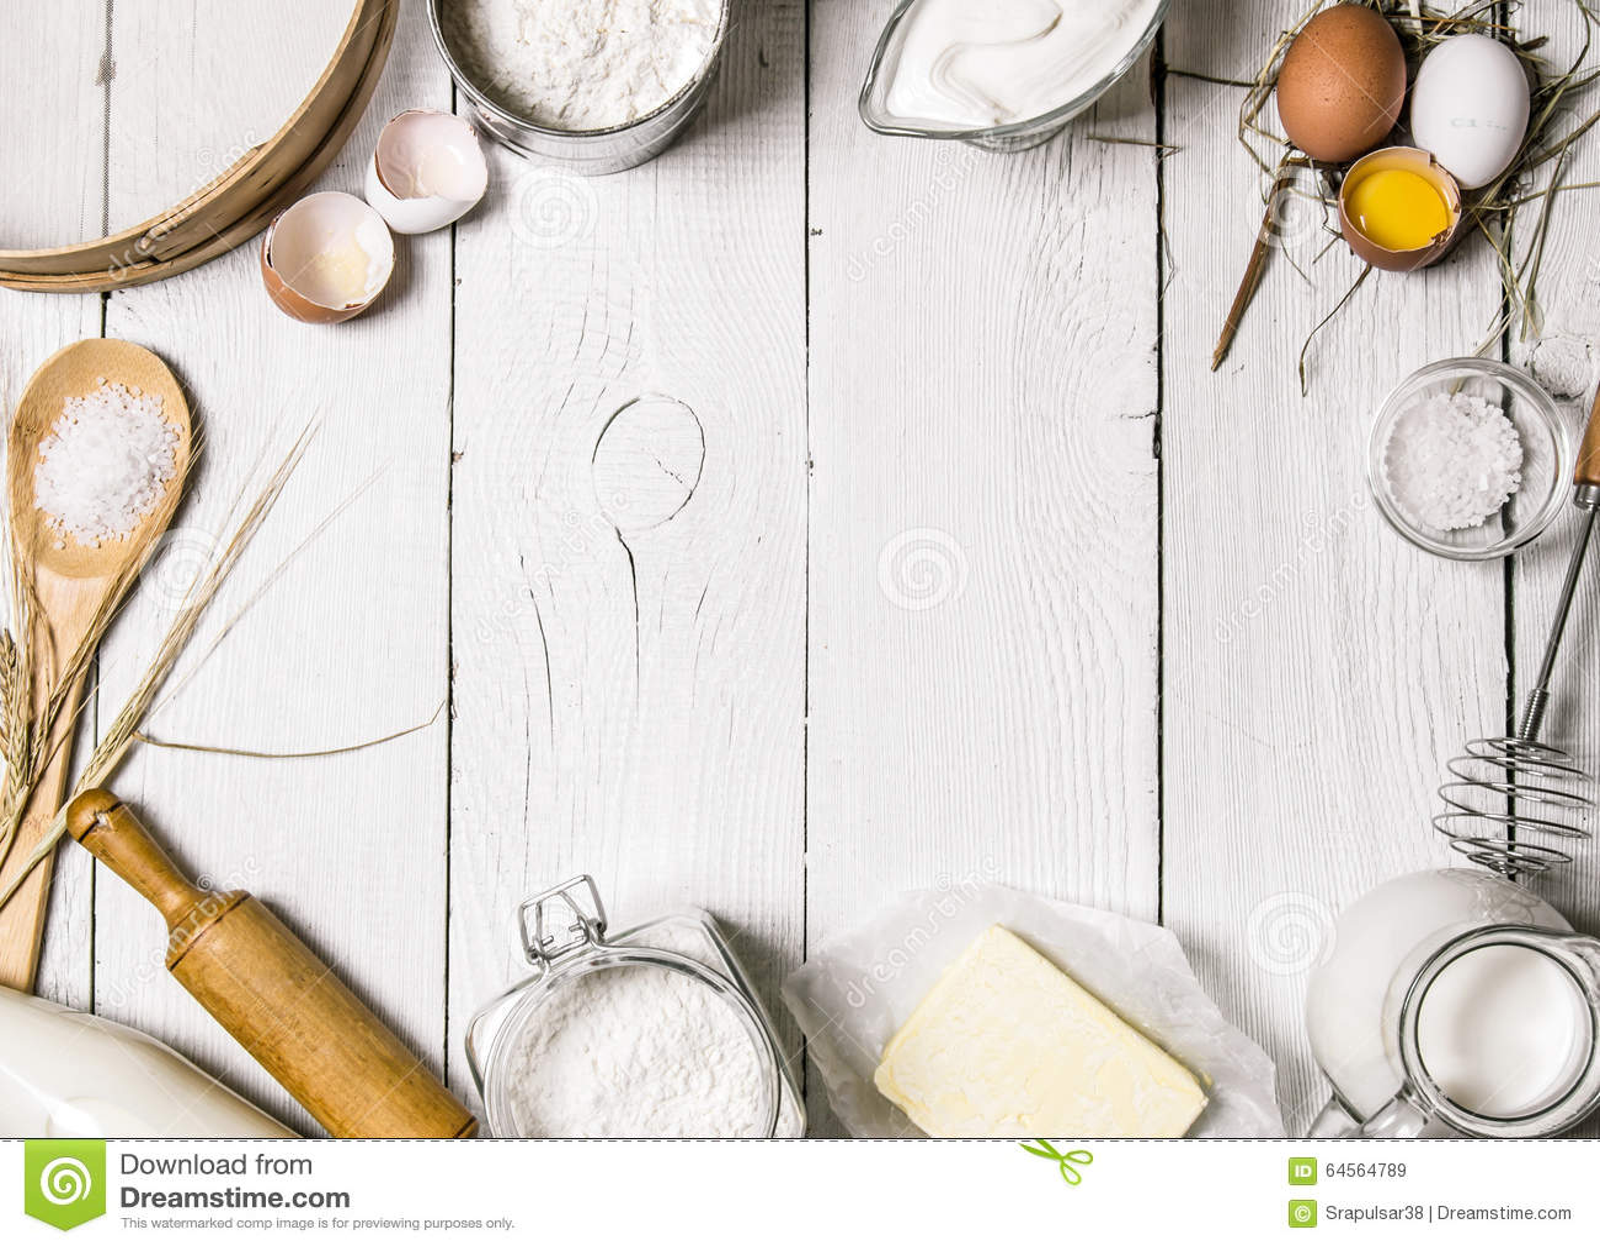 Egg Madera Cake Baking Time